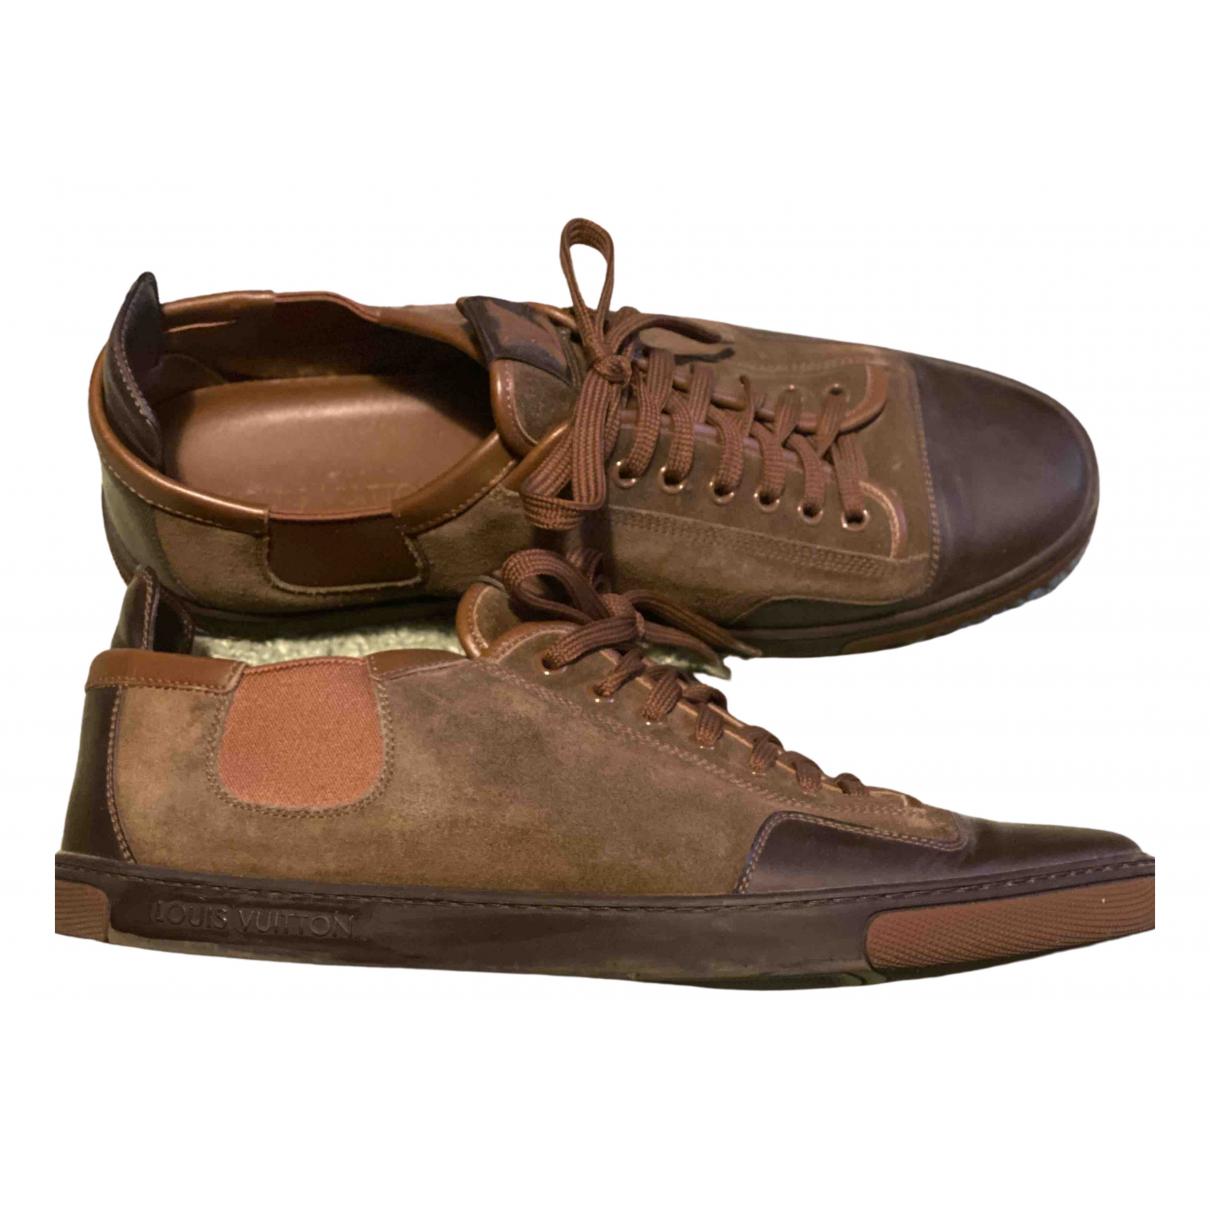 Louis Vuitton \N Sneakers in  Braun Leder